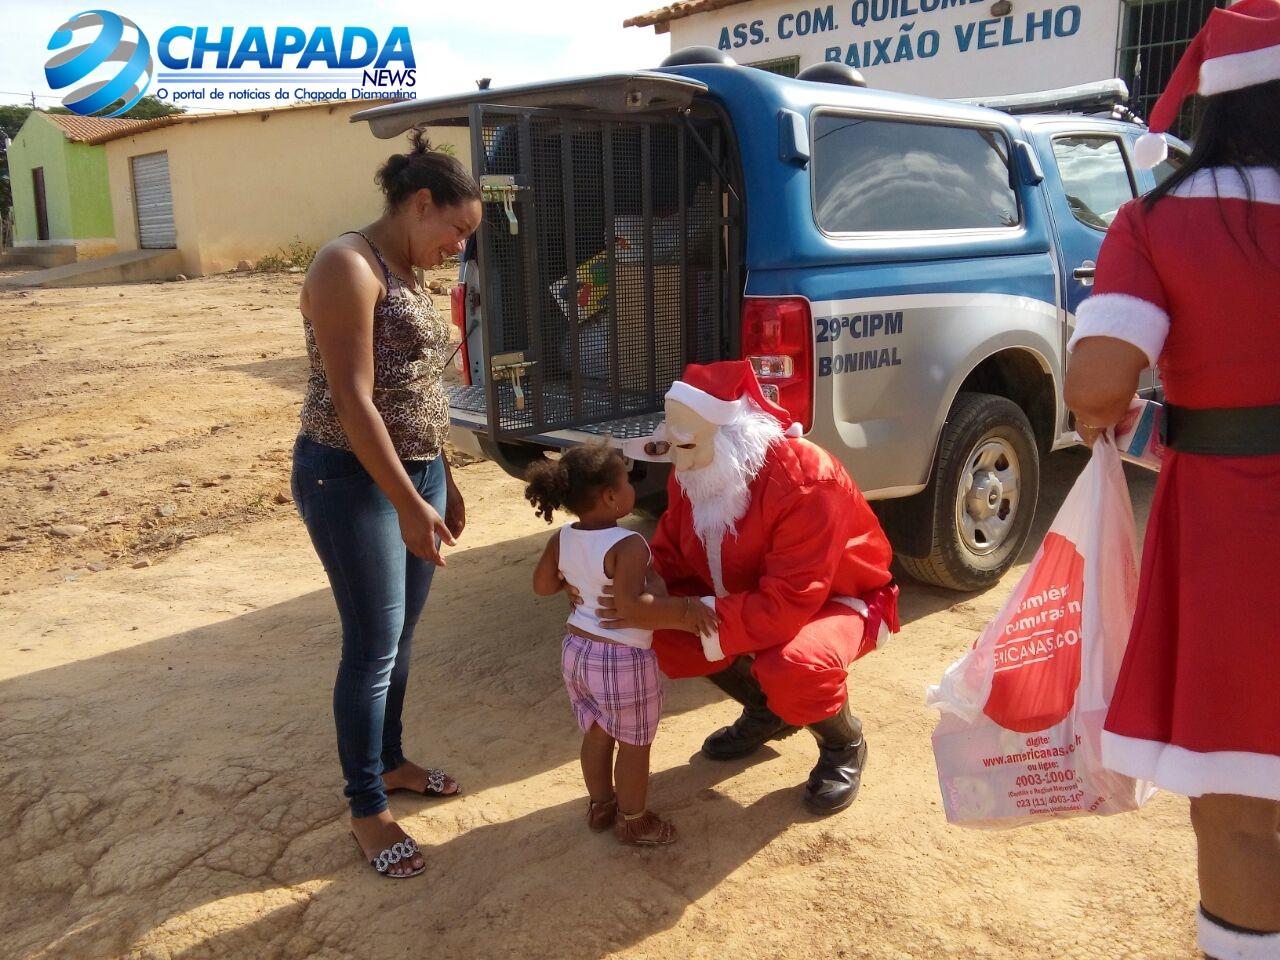 As crianças correm para o Papai Noel. FOTO: 29ª CIPM